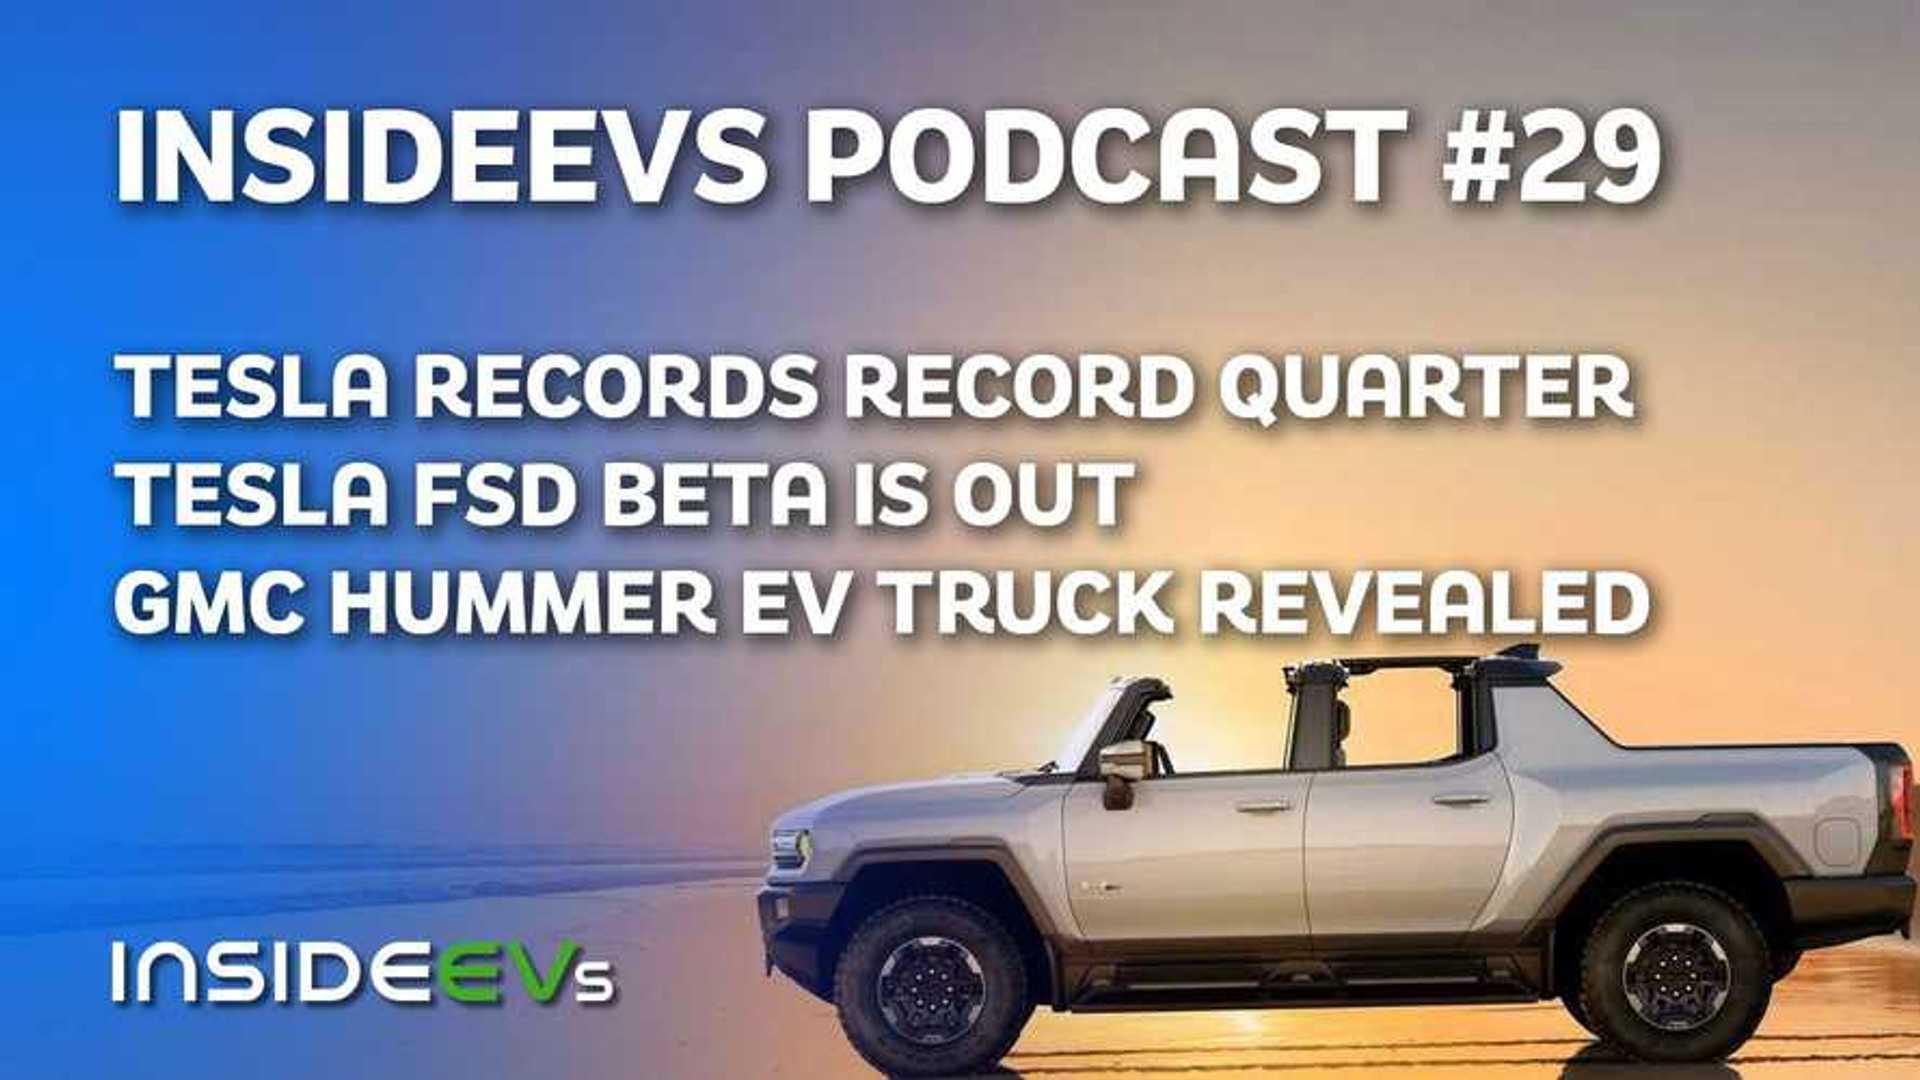 Tesla Clocks Record Quarter, GMC Hummer EV Officially Revealed